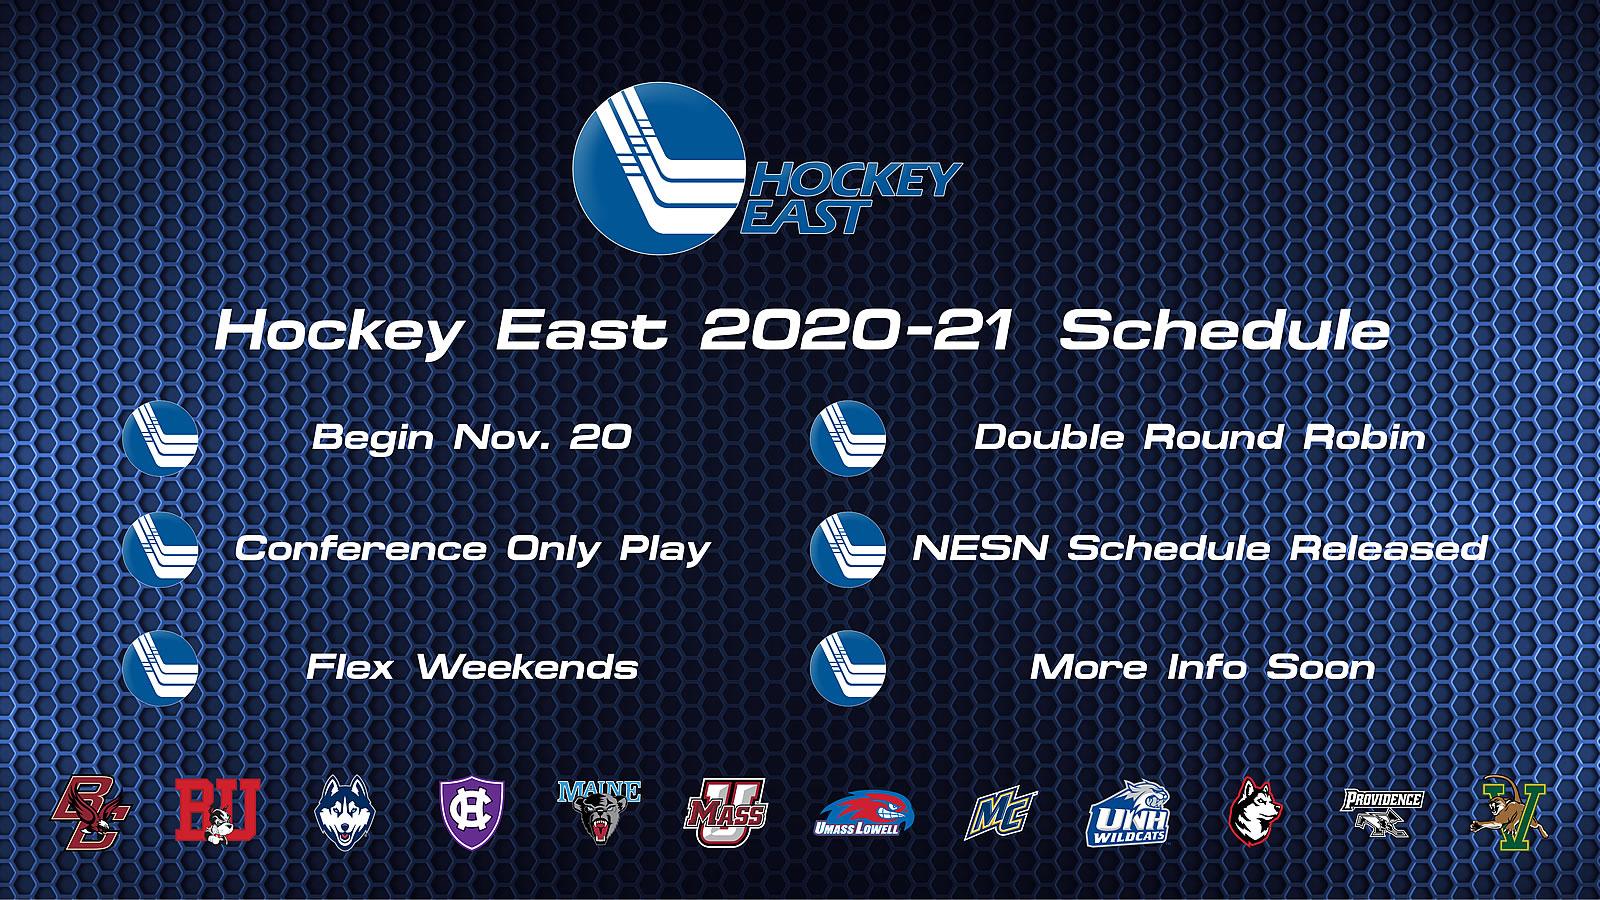 hockeyeastonline.com